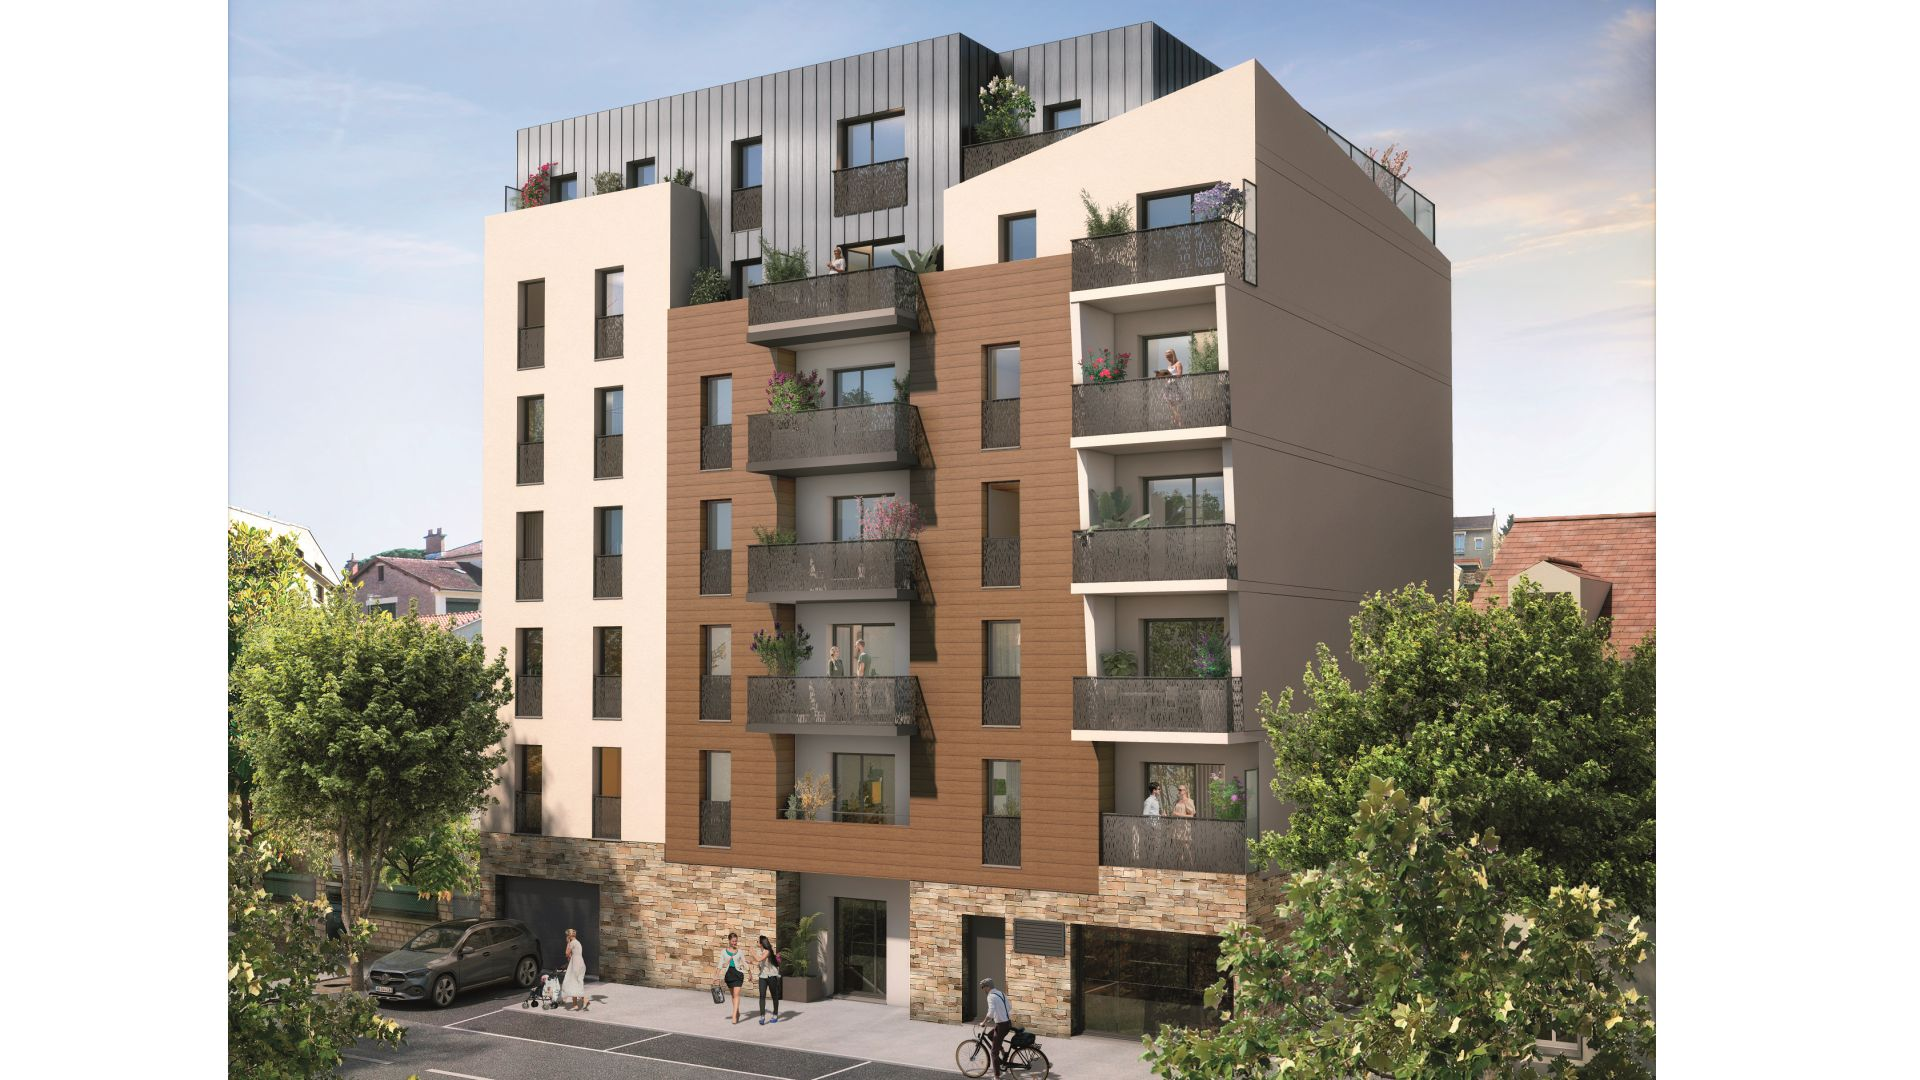 Greencity Immobilier - Résidence Silver Park - achat appartements du T2 au T4 - Le Perreux sur Marne 94170